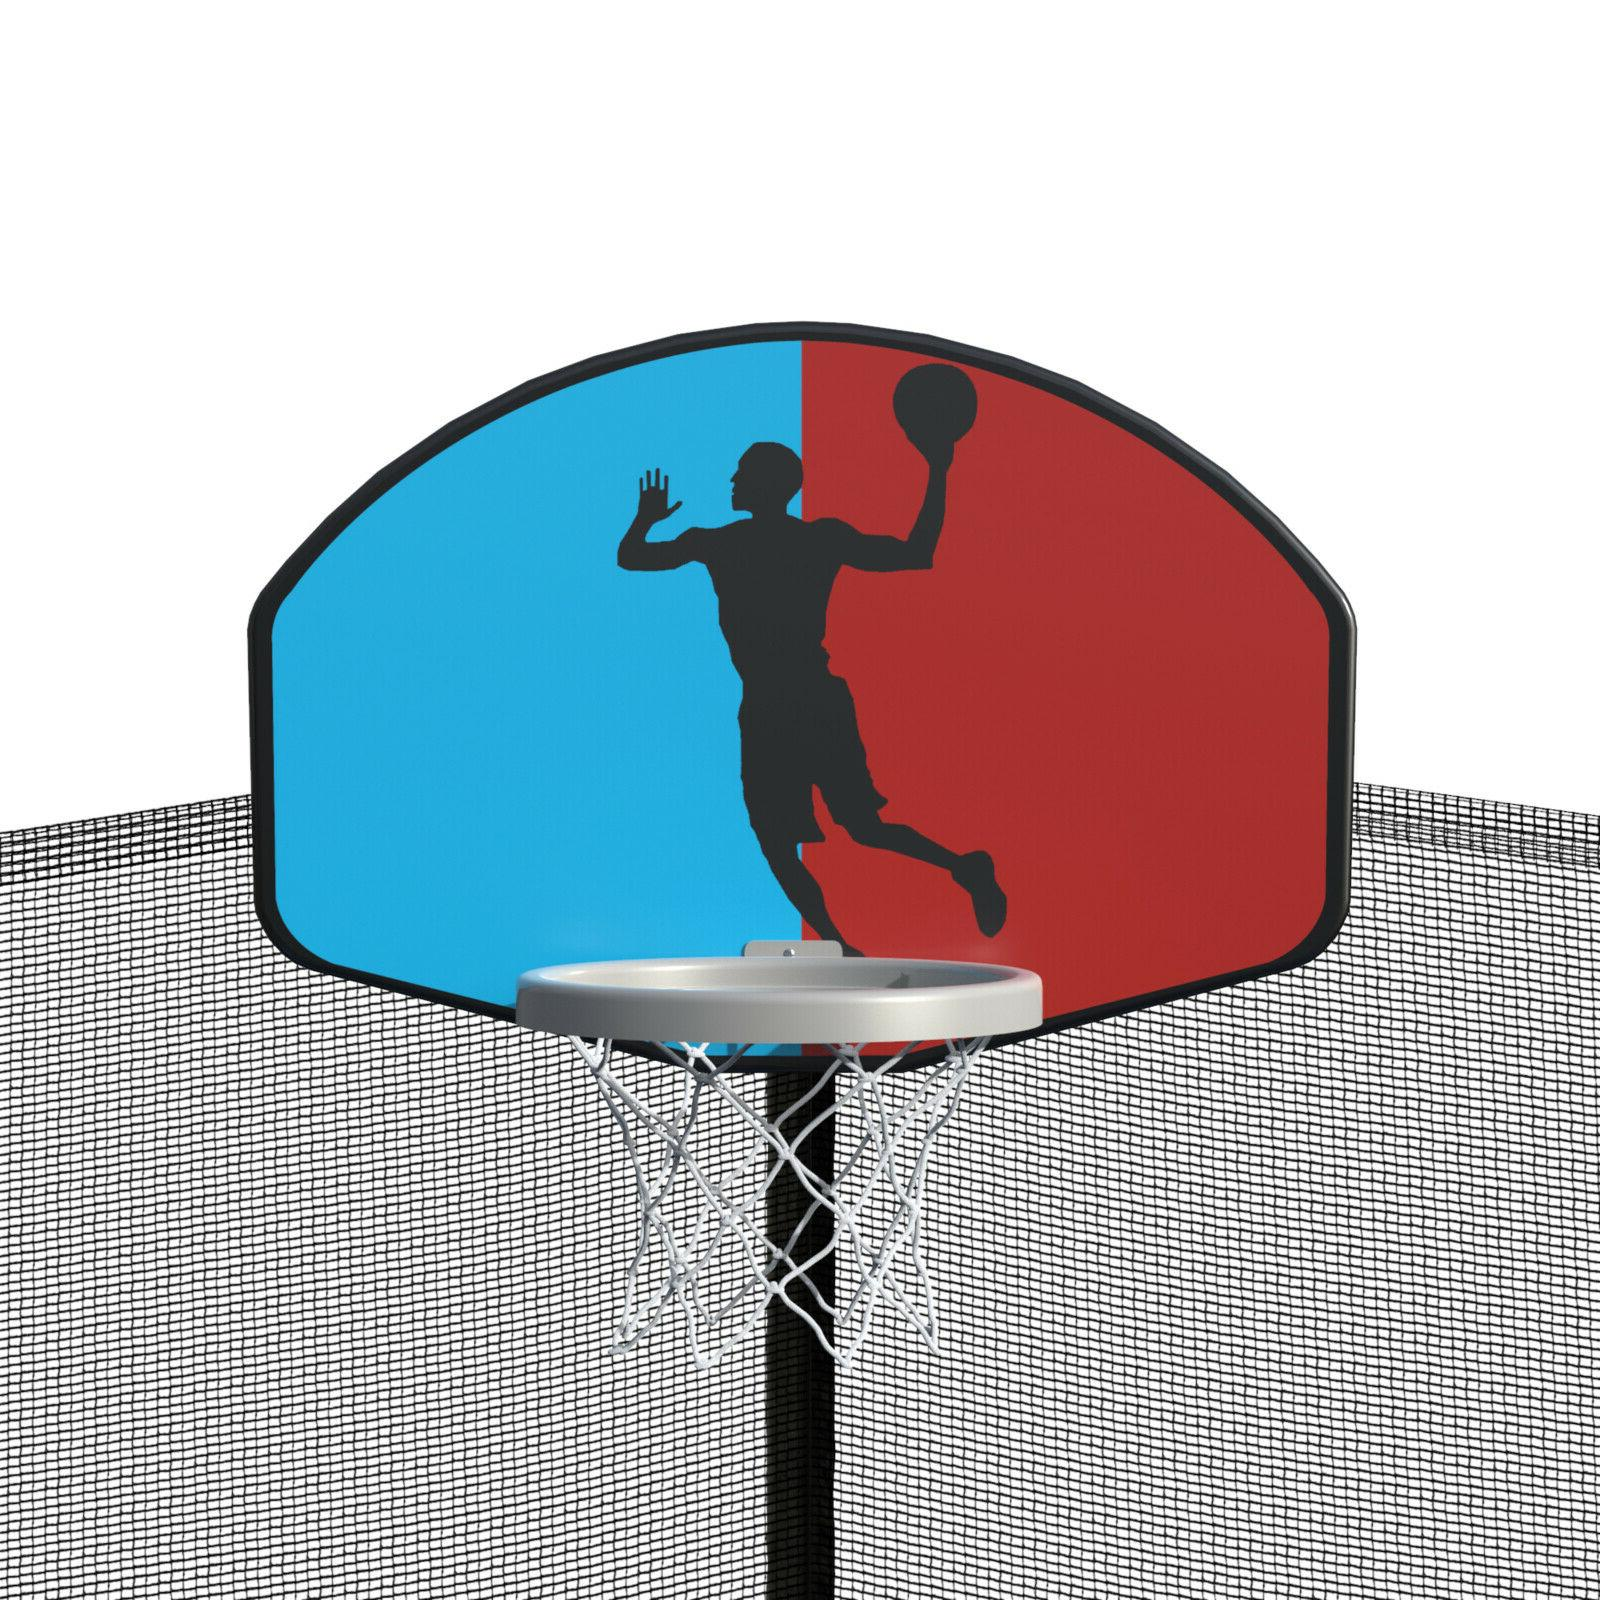 Merax 15 Foot Trampoline Basketball Hoop and